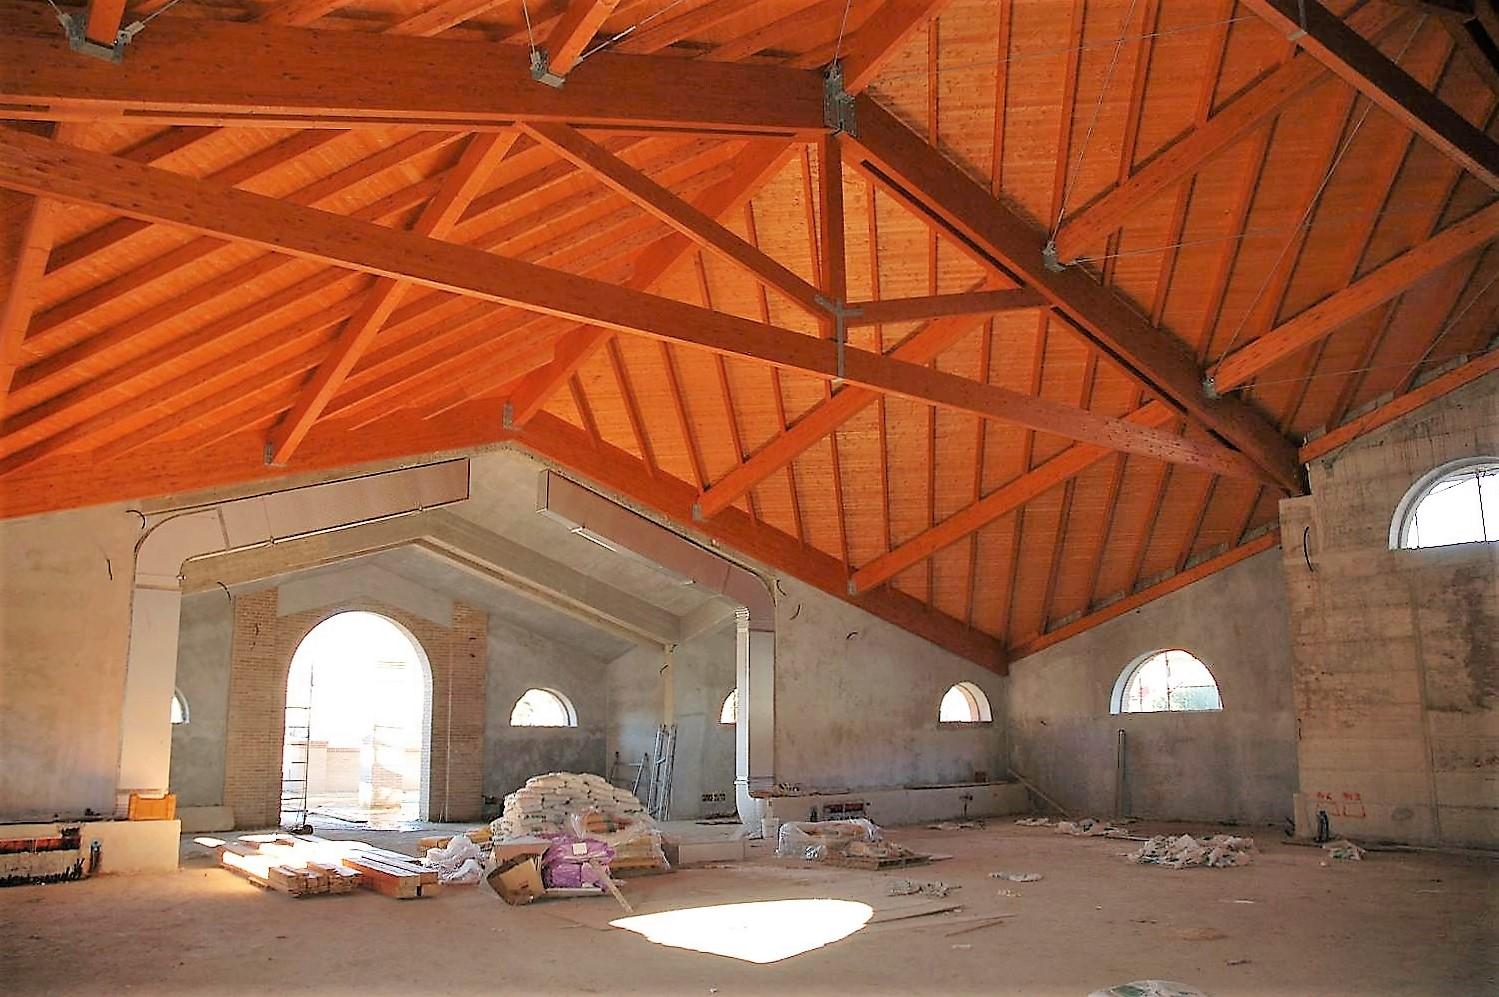 Chiesa di Palmi - Diocesi di Oppido Mamertina (RC)